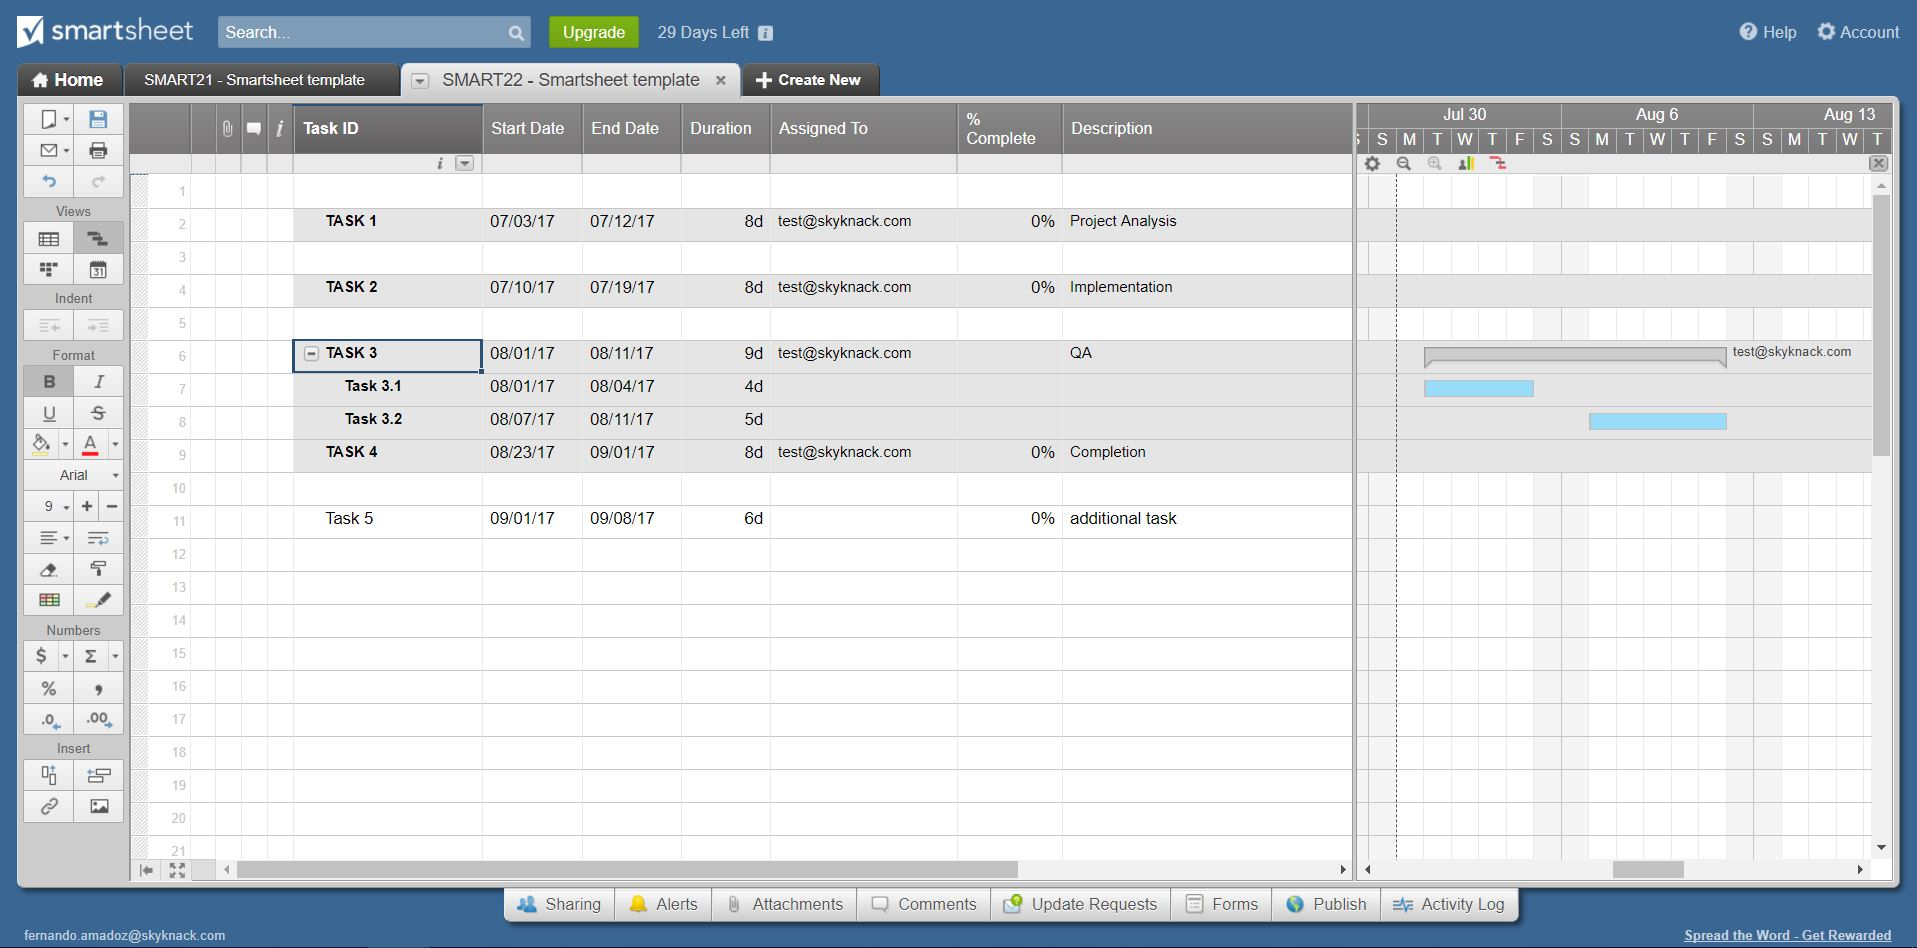 Acumatica-Smartsheet-integration-pic4